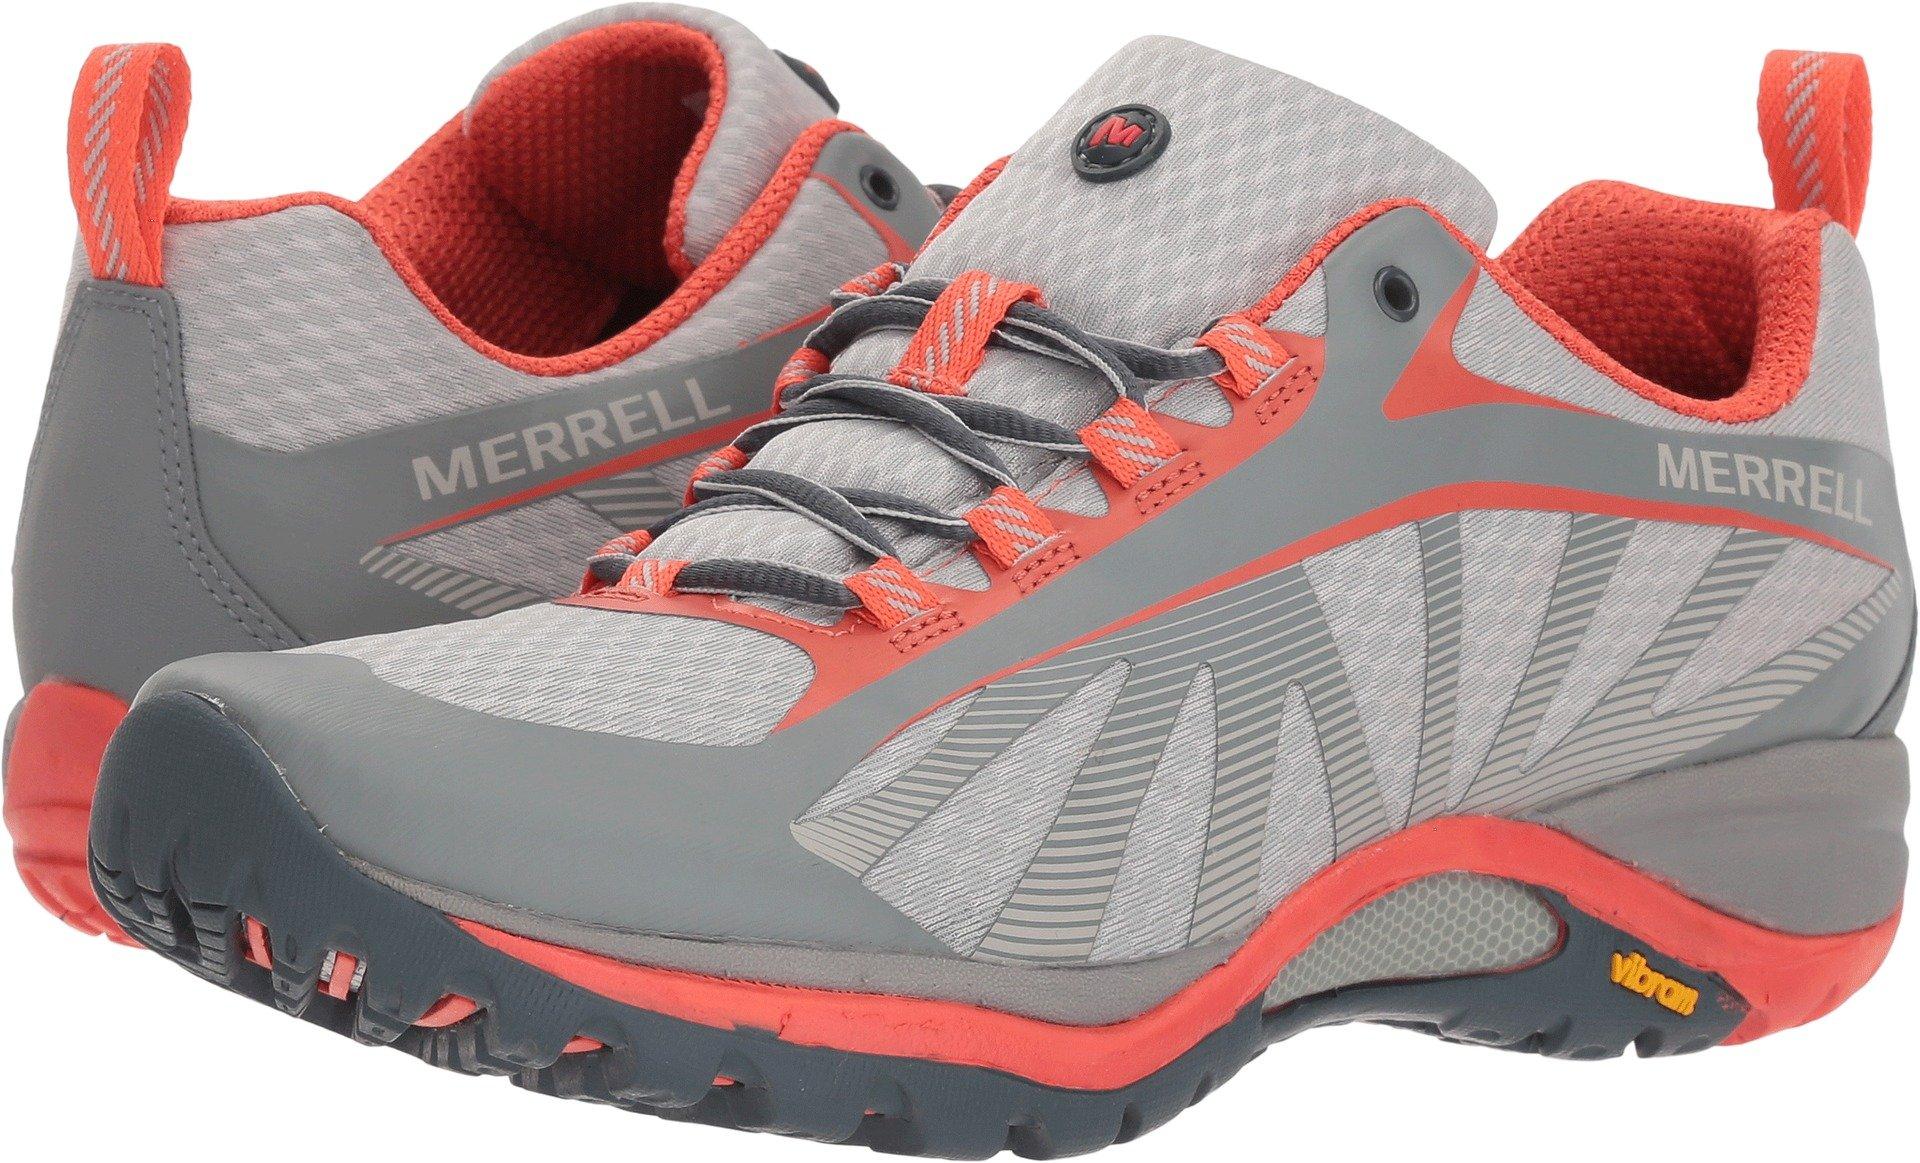 Merrell Womens Siren Edge Trail Runner, Vapor, 6 B(M) US